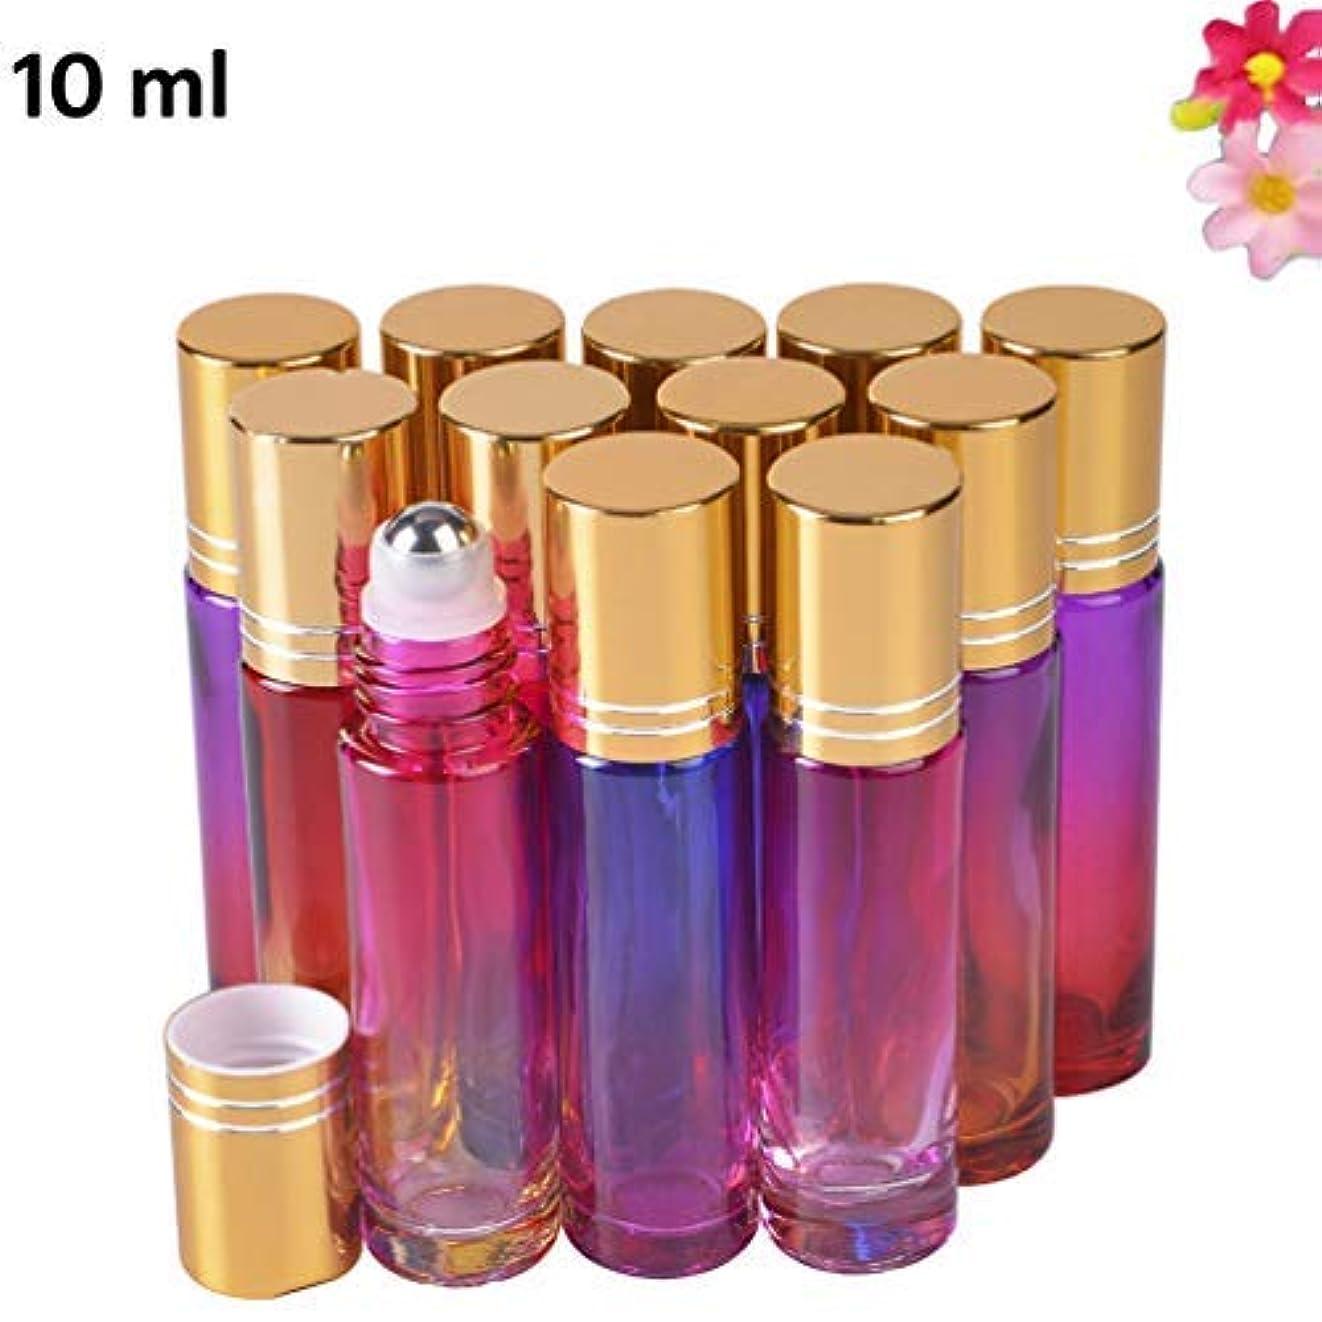 アーサーコナンドイルラック浜辺12 pack Essential Oil Roller Bottles 10ml with Beautiful Color [並行輸入品]